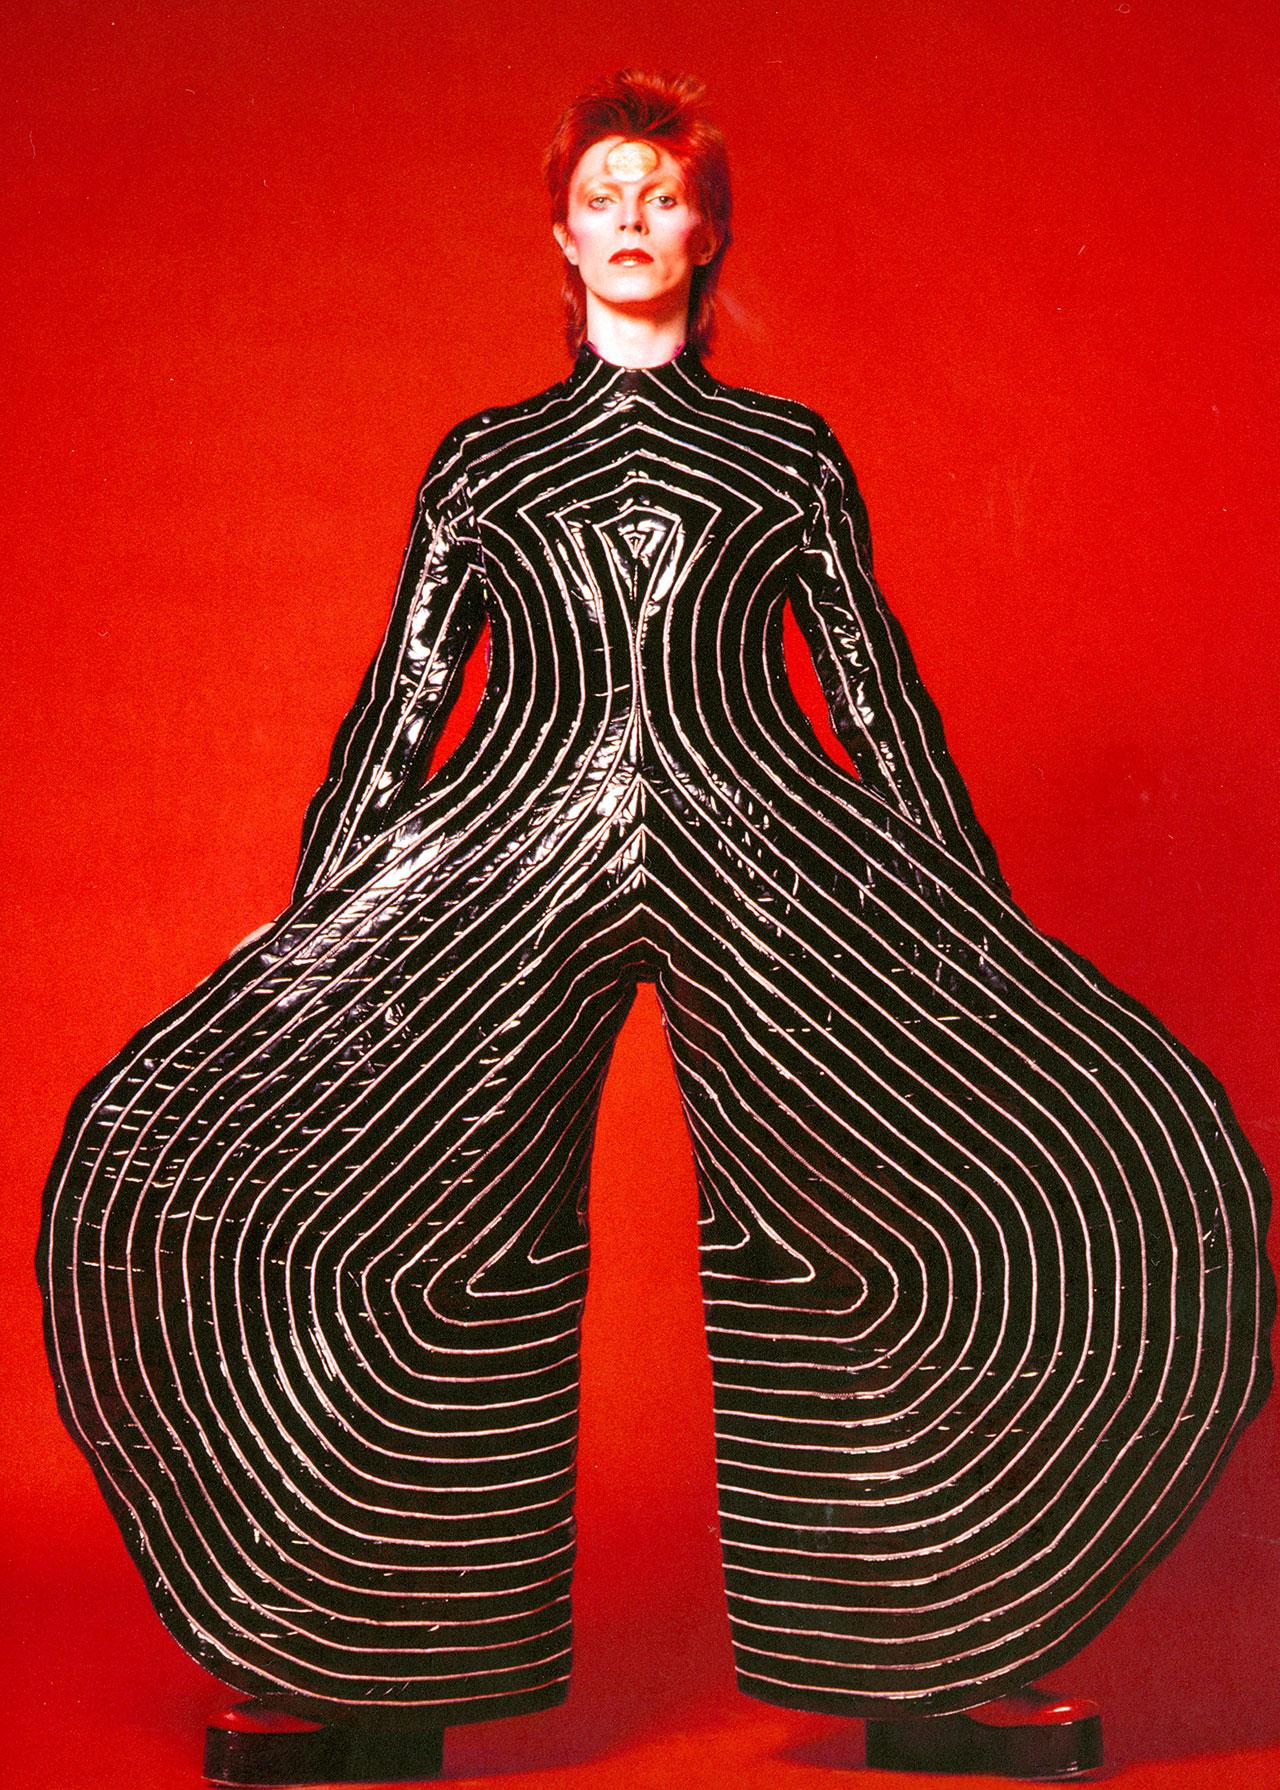 会場の入り口付近に展示されている山本寛斎による「Aladdin Sane (アラジン・セイン)」ツアーのビジュアル。鋤田正義撮影。| © Sukita/ The David Bowie Archive